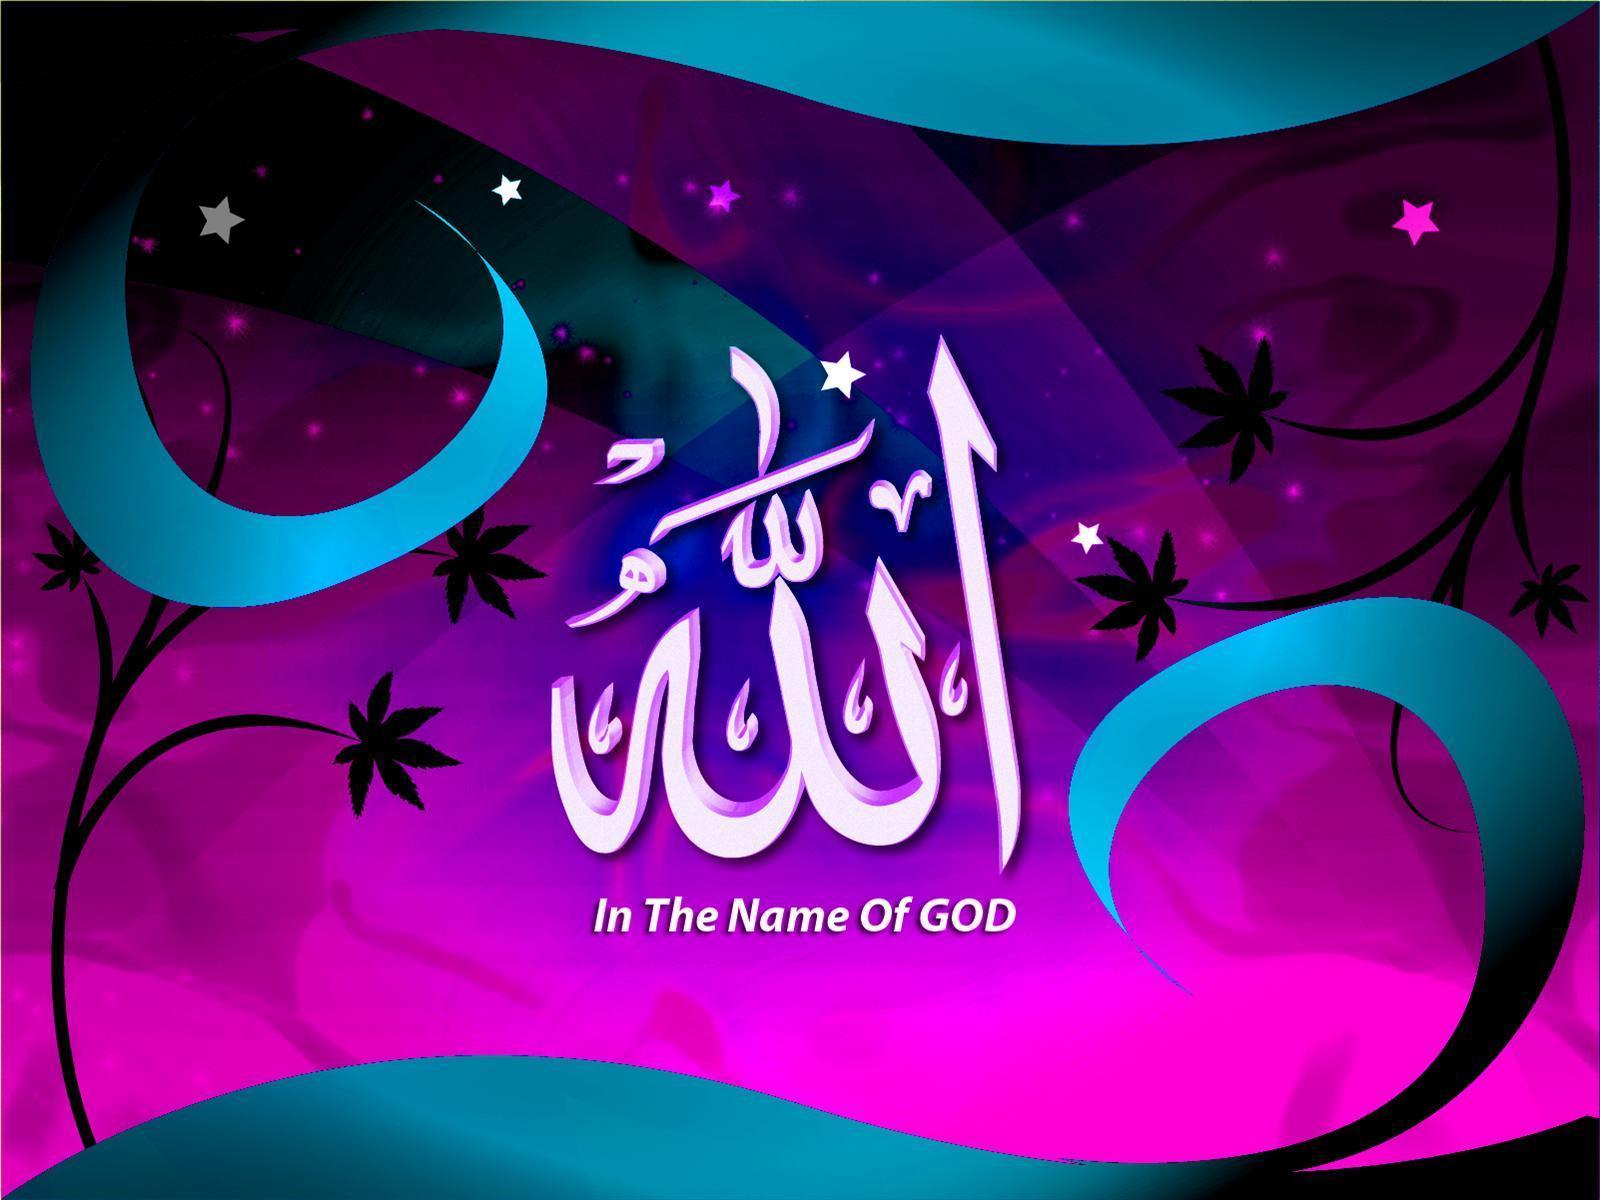 Allah Background wallpapers | JoinIslamOnline